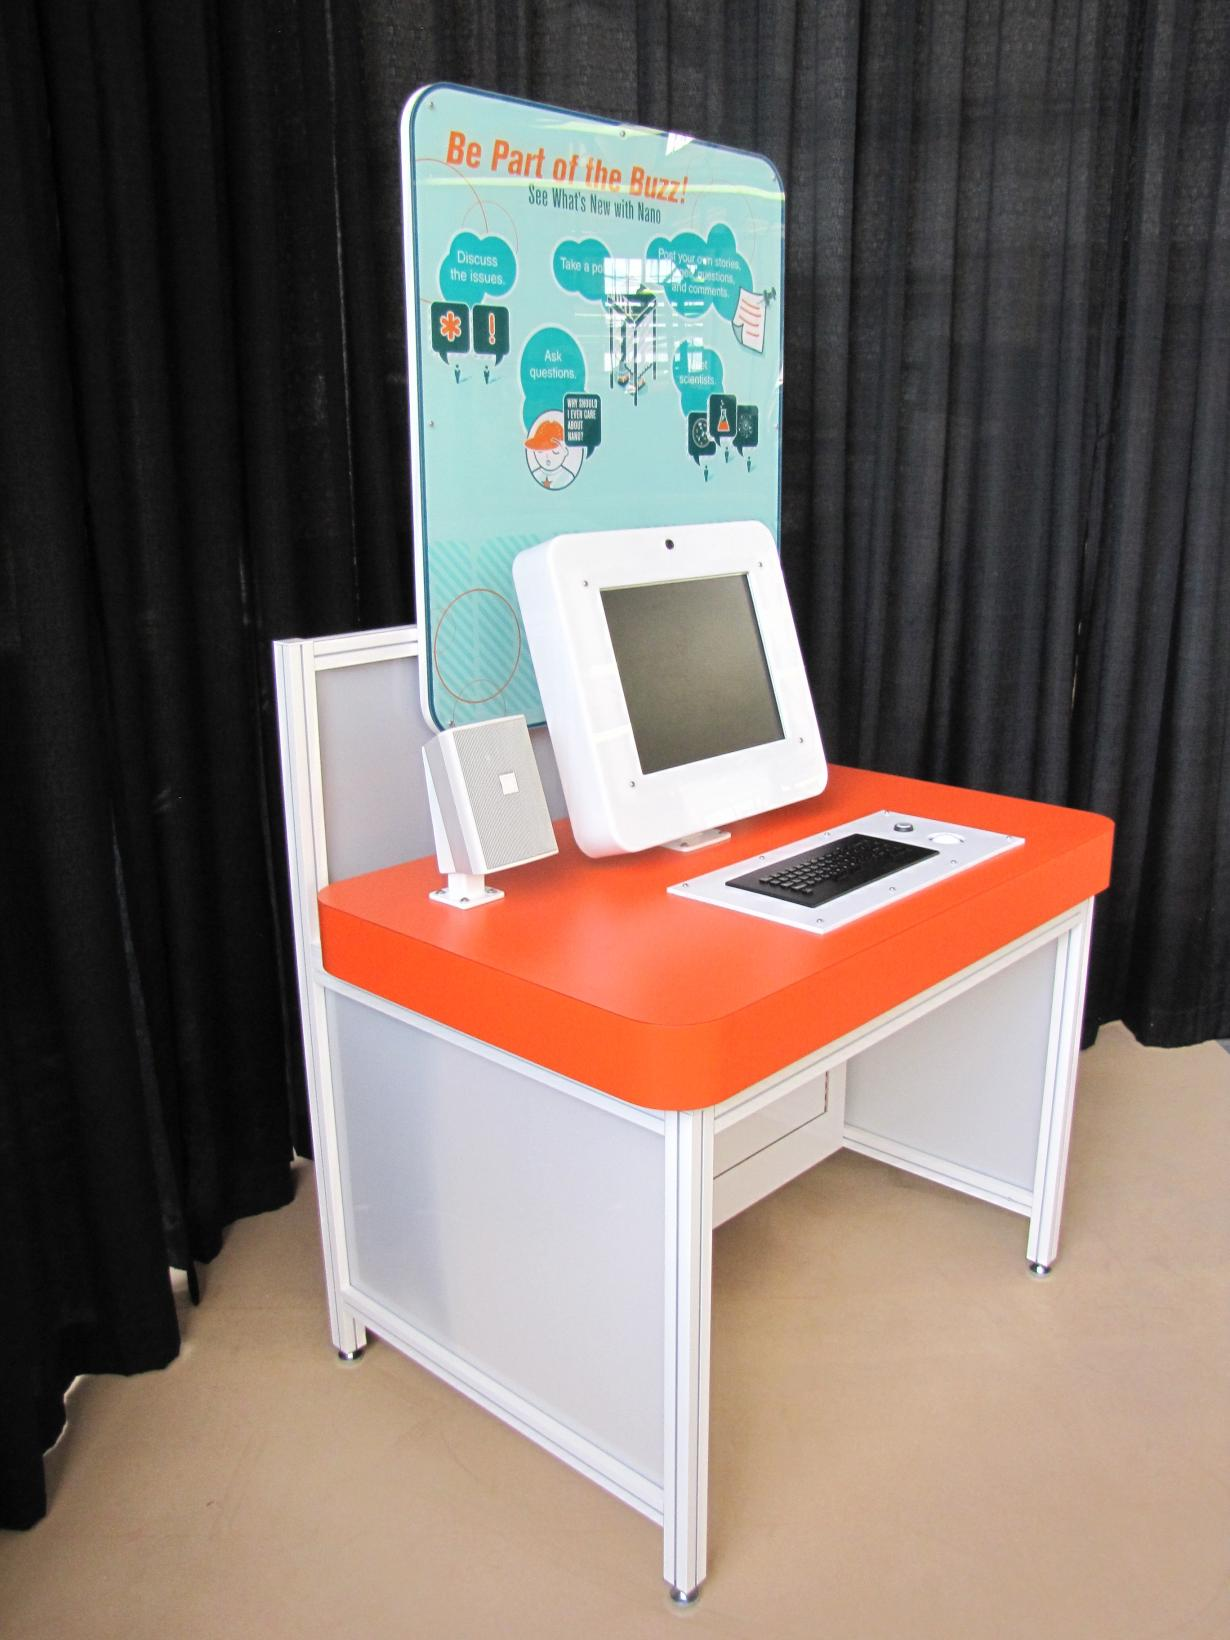 exhibit image